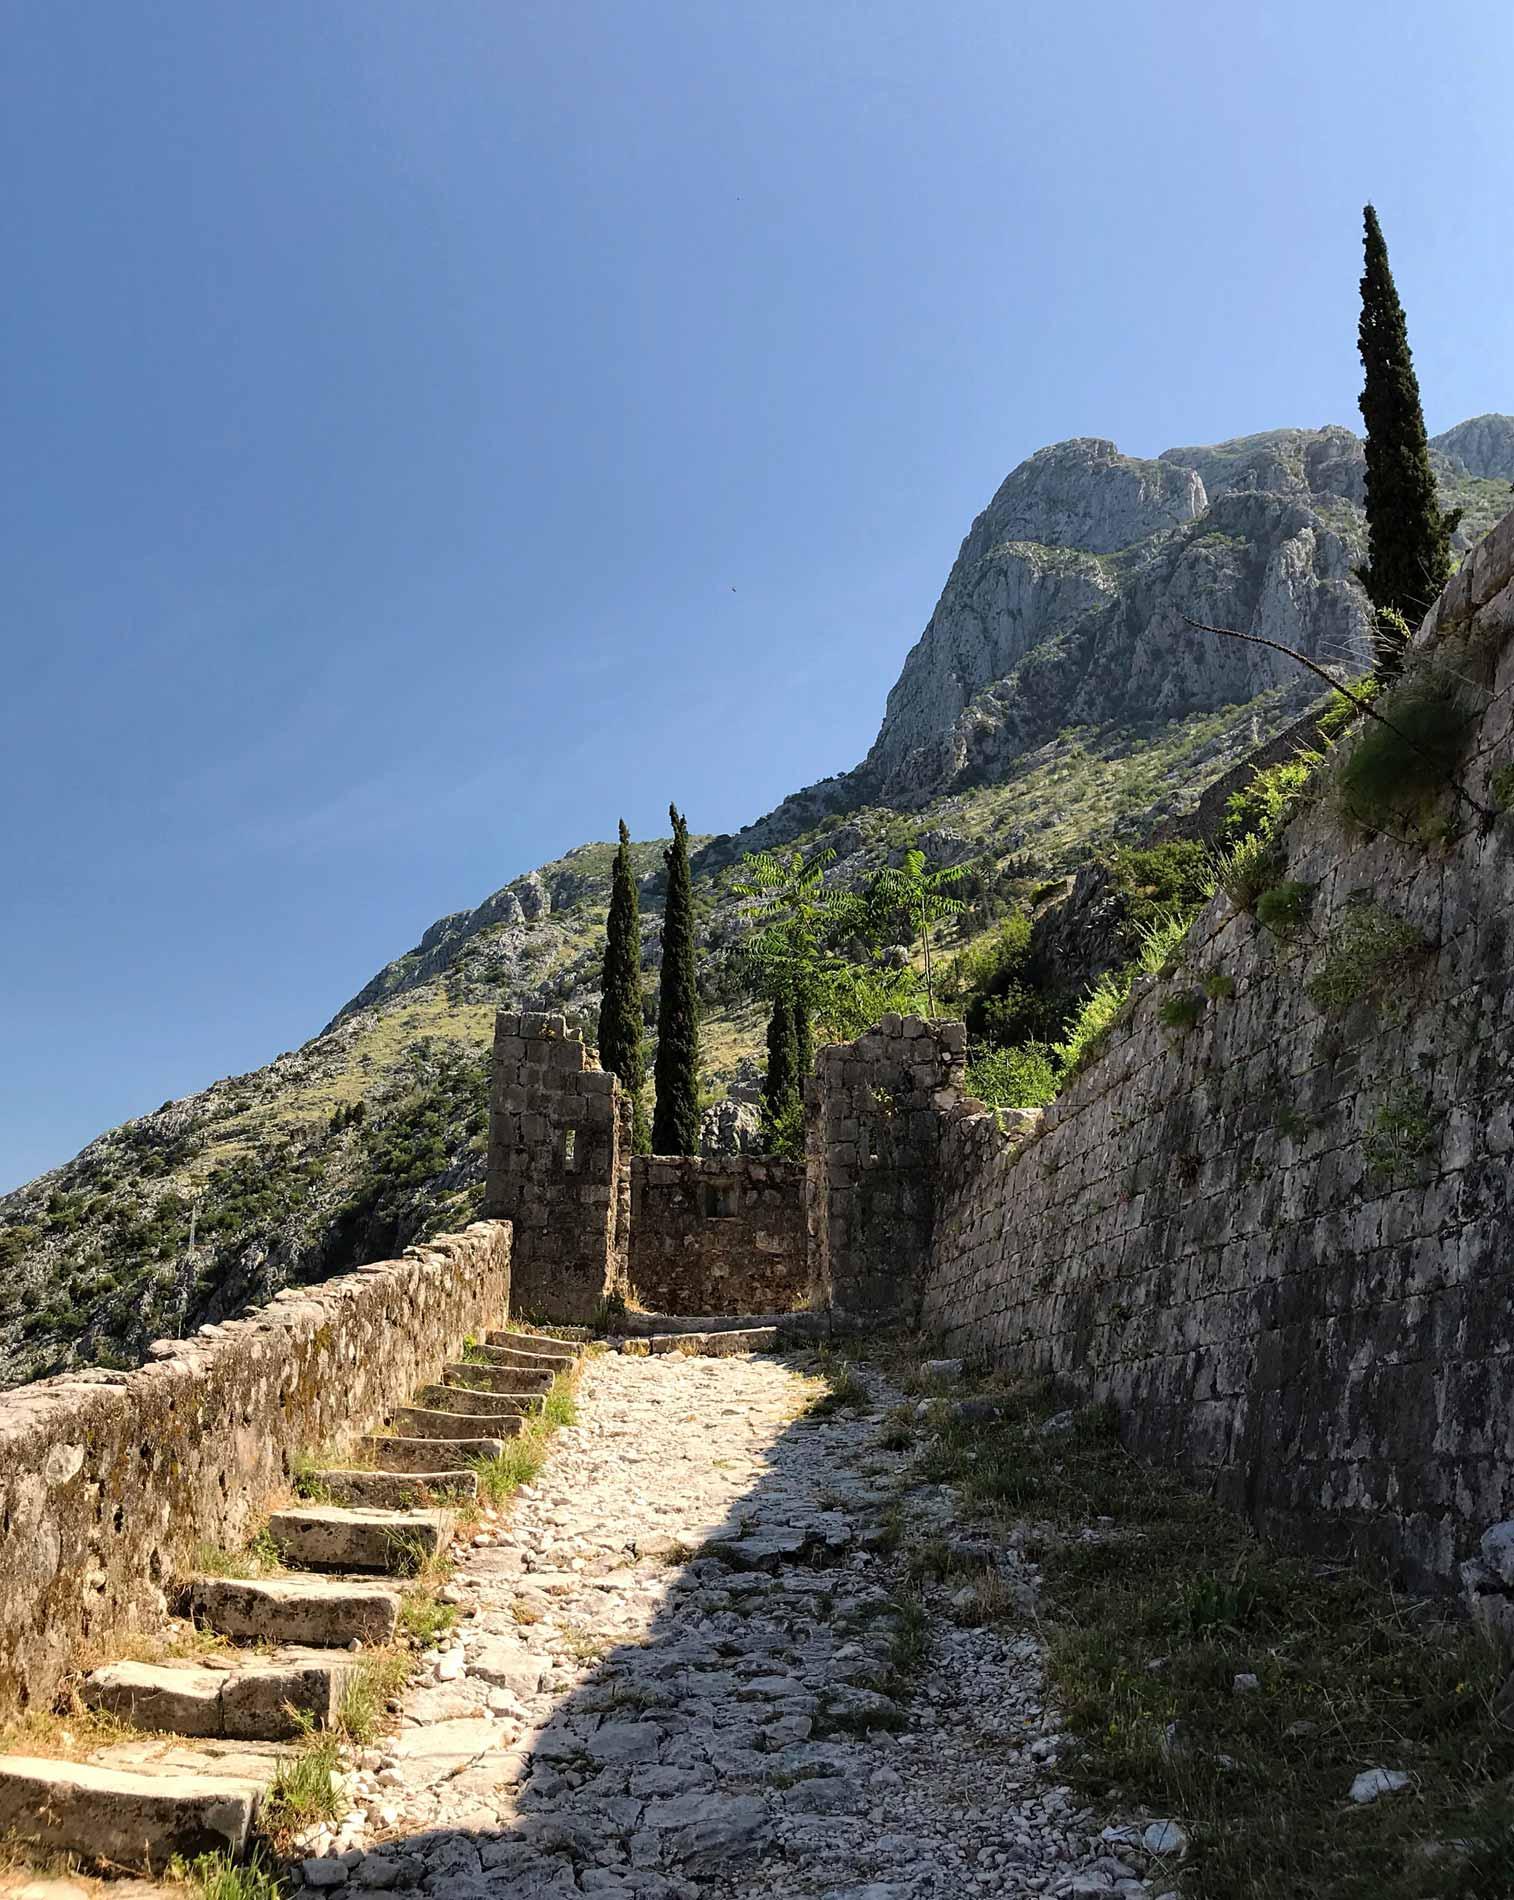 Kotor-Montenegro-fortificazioni-veneziane-colle-san-Giovanni-gradini-rocce-pietre-cielo-montagna